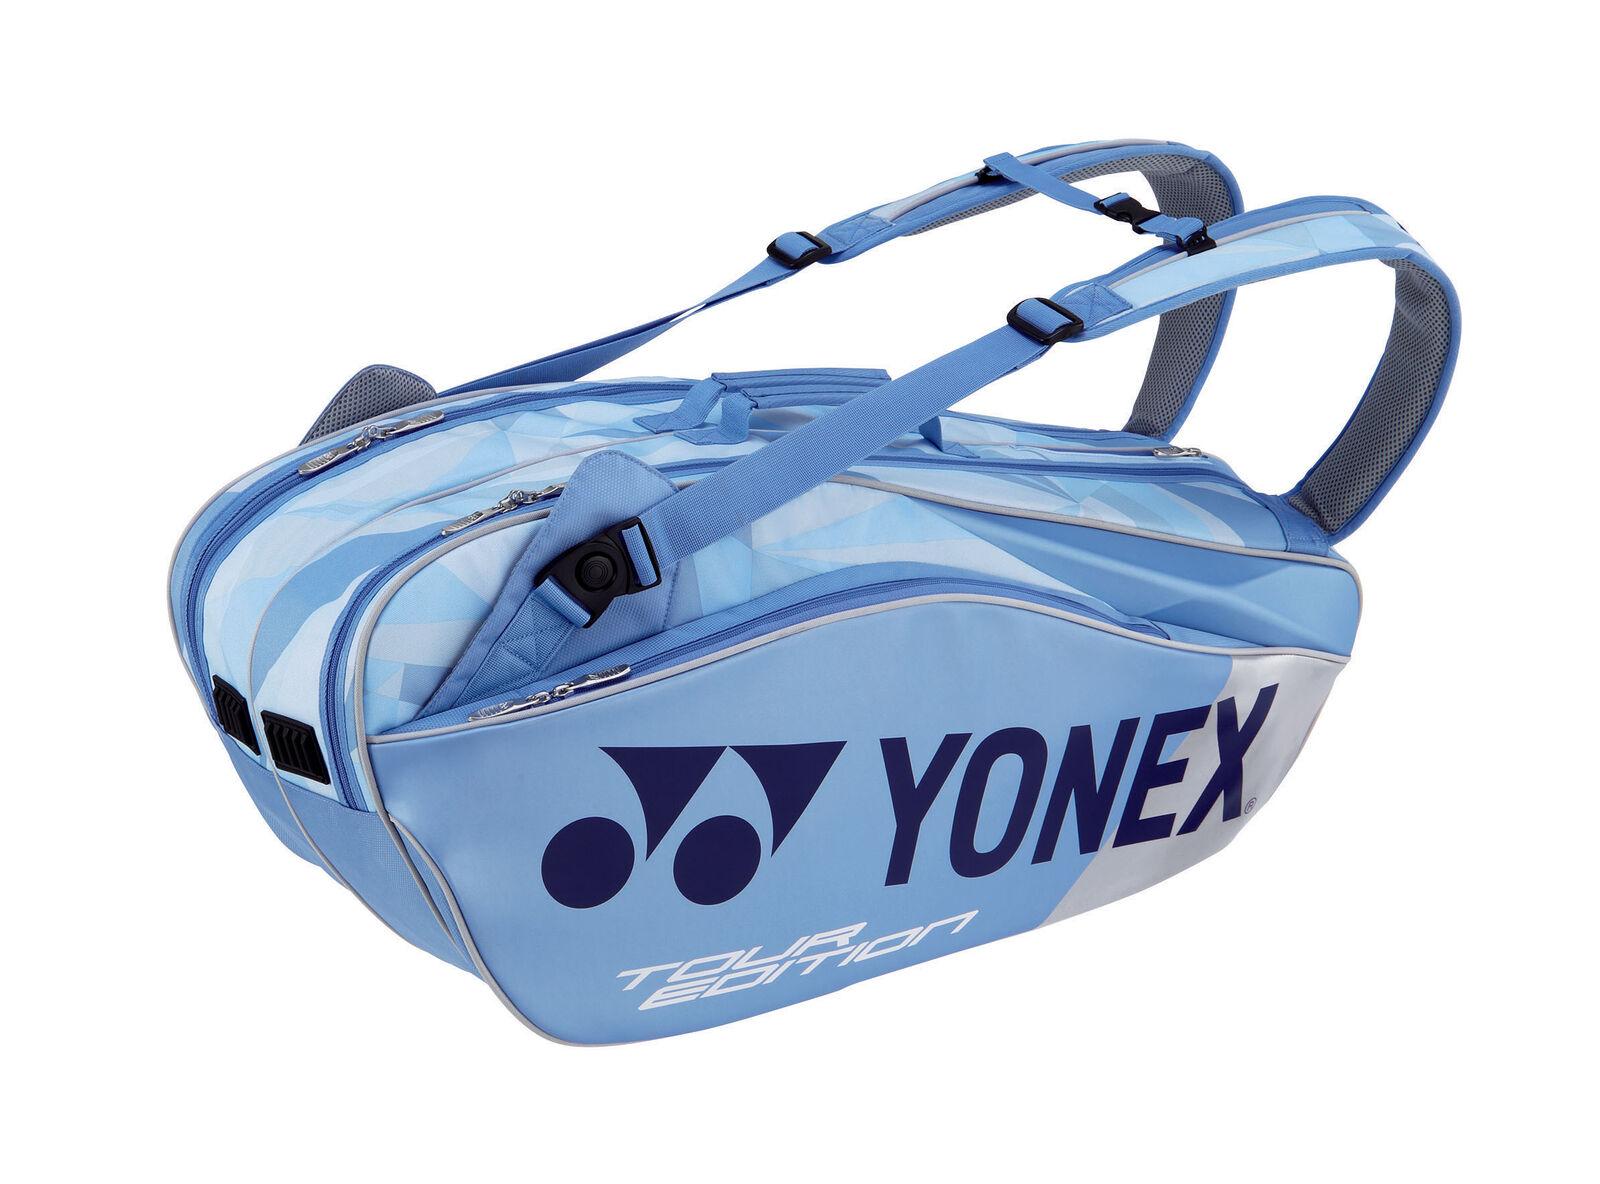 .YONEX BAG 9826 clear Blau Tasche Badminton Tennis Squash Schläger